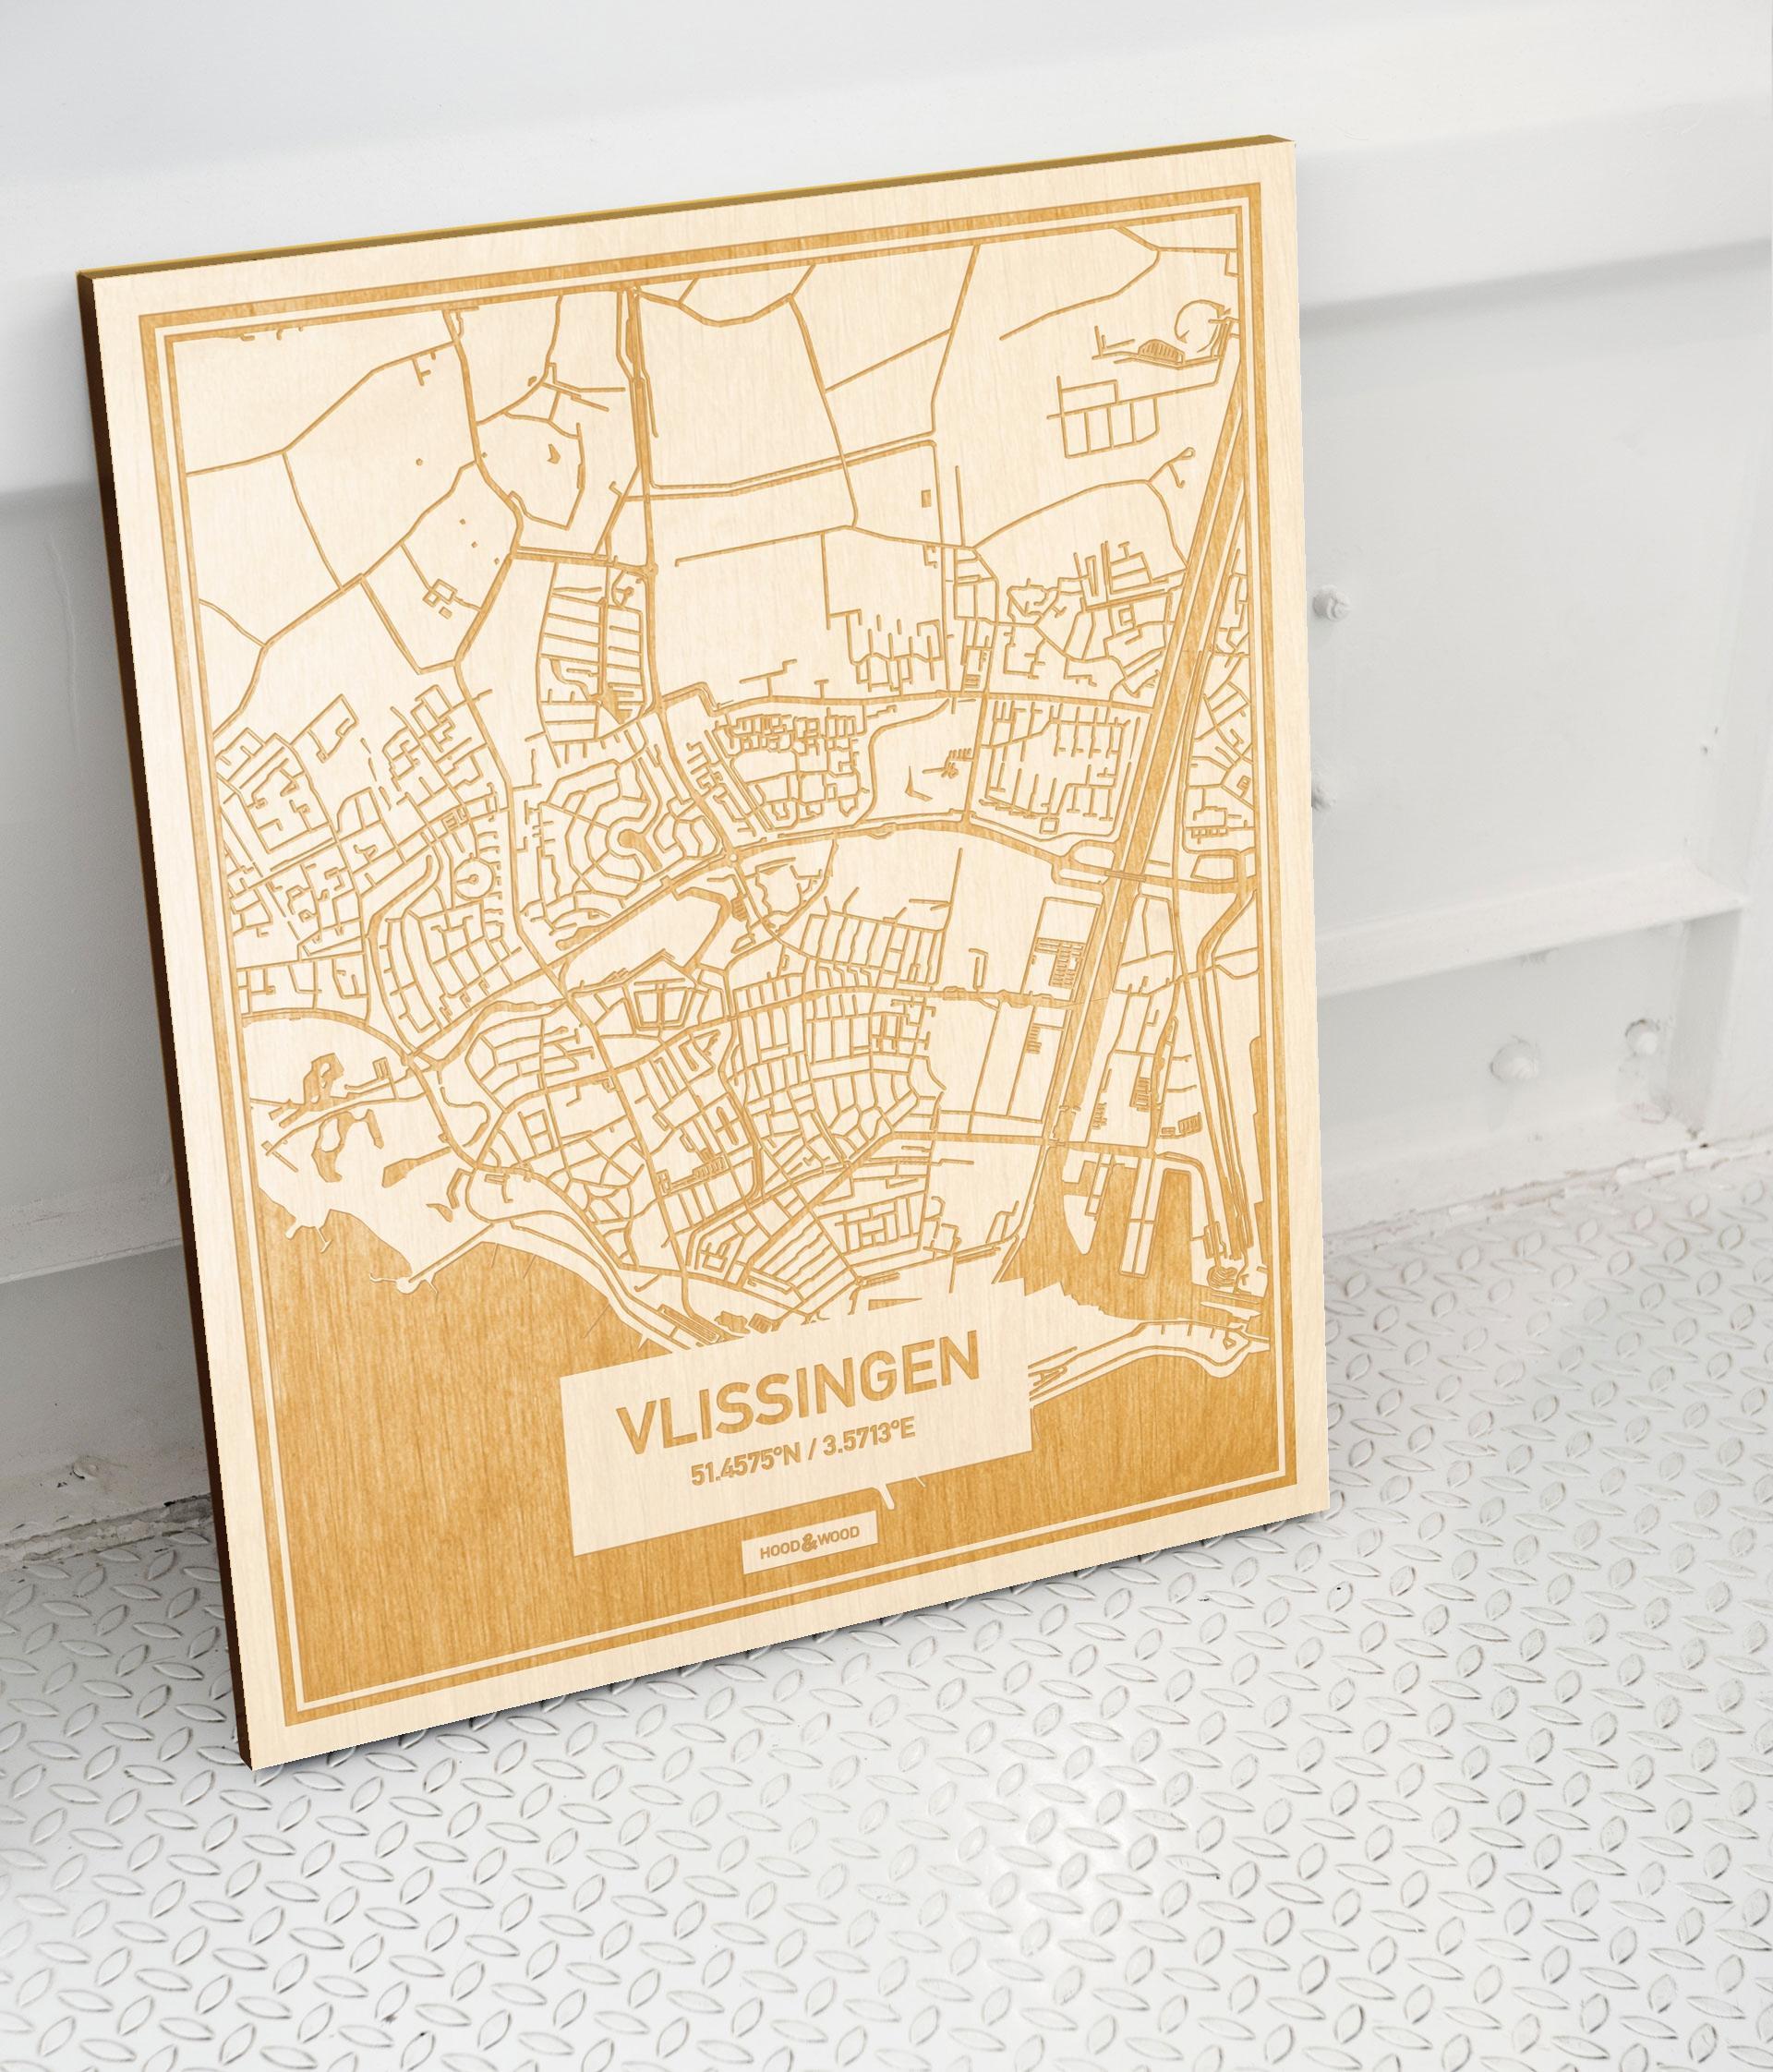 Plattegrond Vlissingen als prachtige houten wanddecoratie. Het warme hout contrasteert mooi met de witte muur.